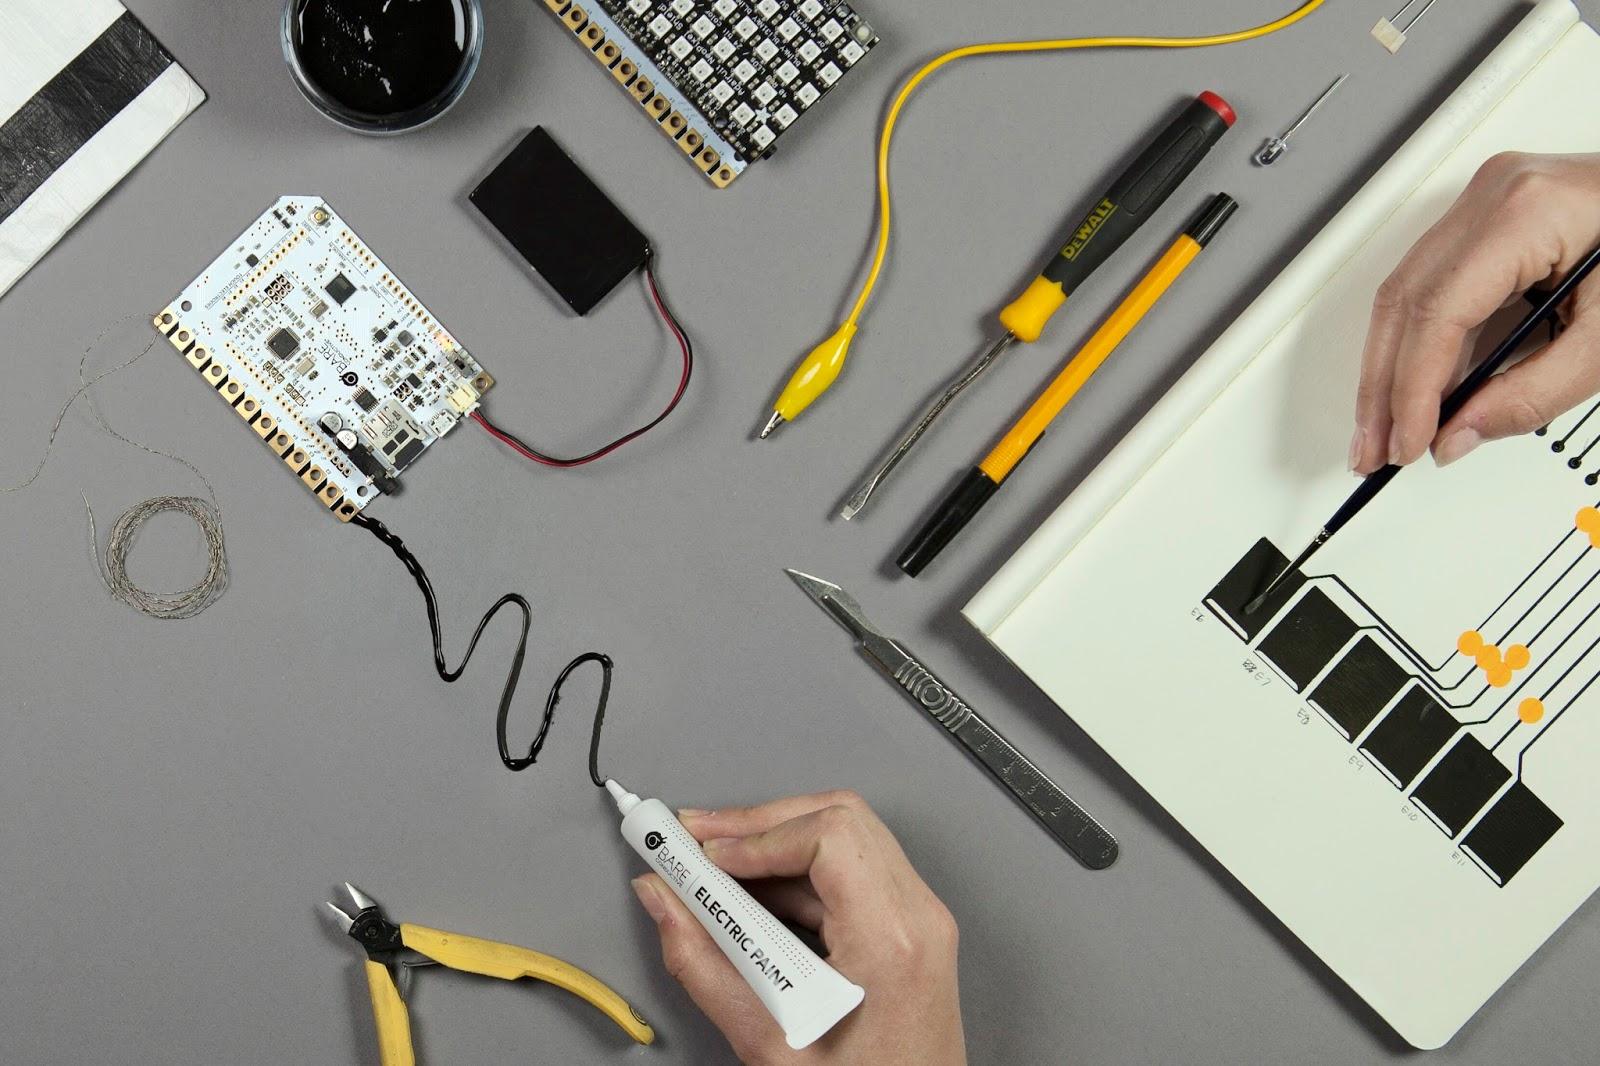 جوهر رسانا در مدارهای الکتریکی